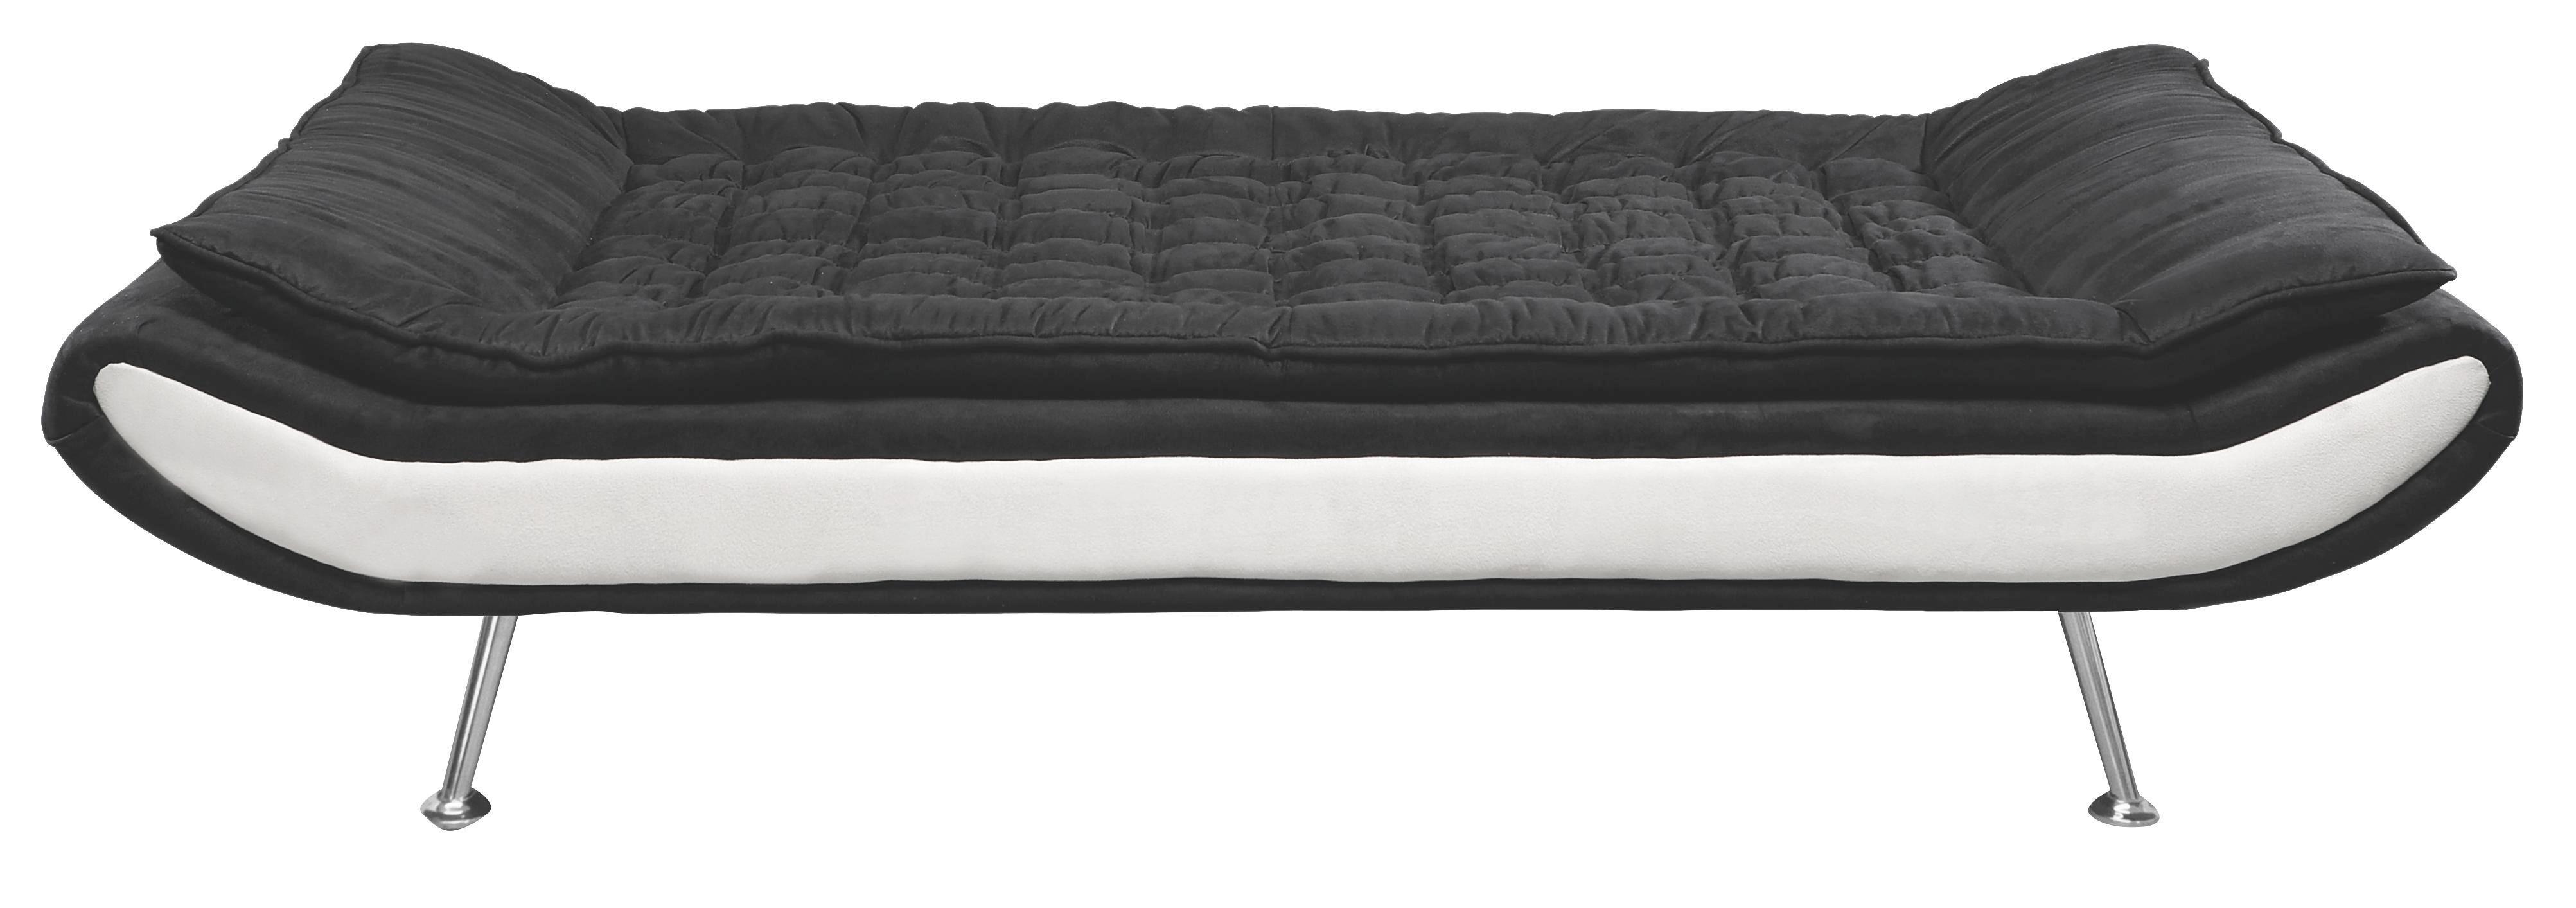 Kanapéágy Cloud - fekete/fehér, textil/fa (196/98/92cm) - MÖMAX modern living